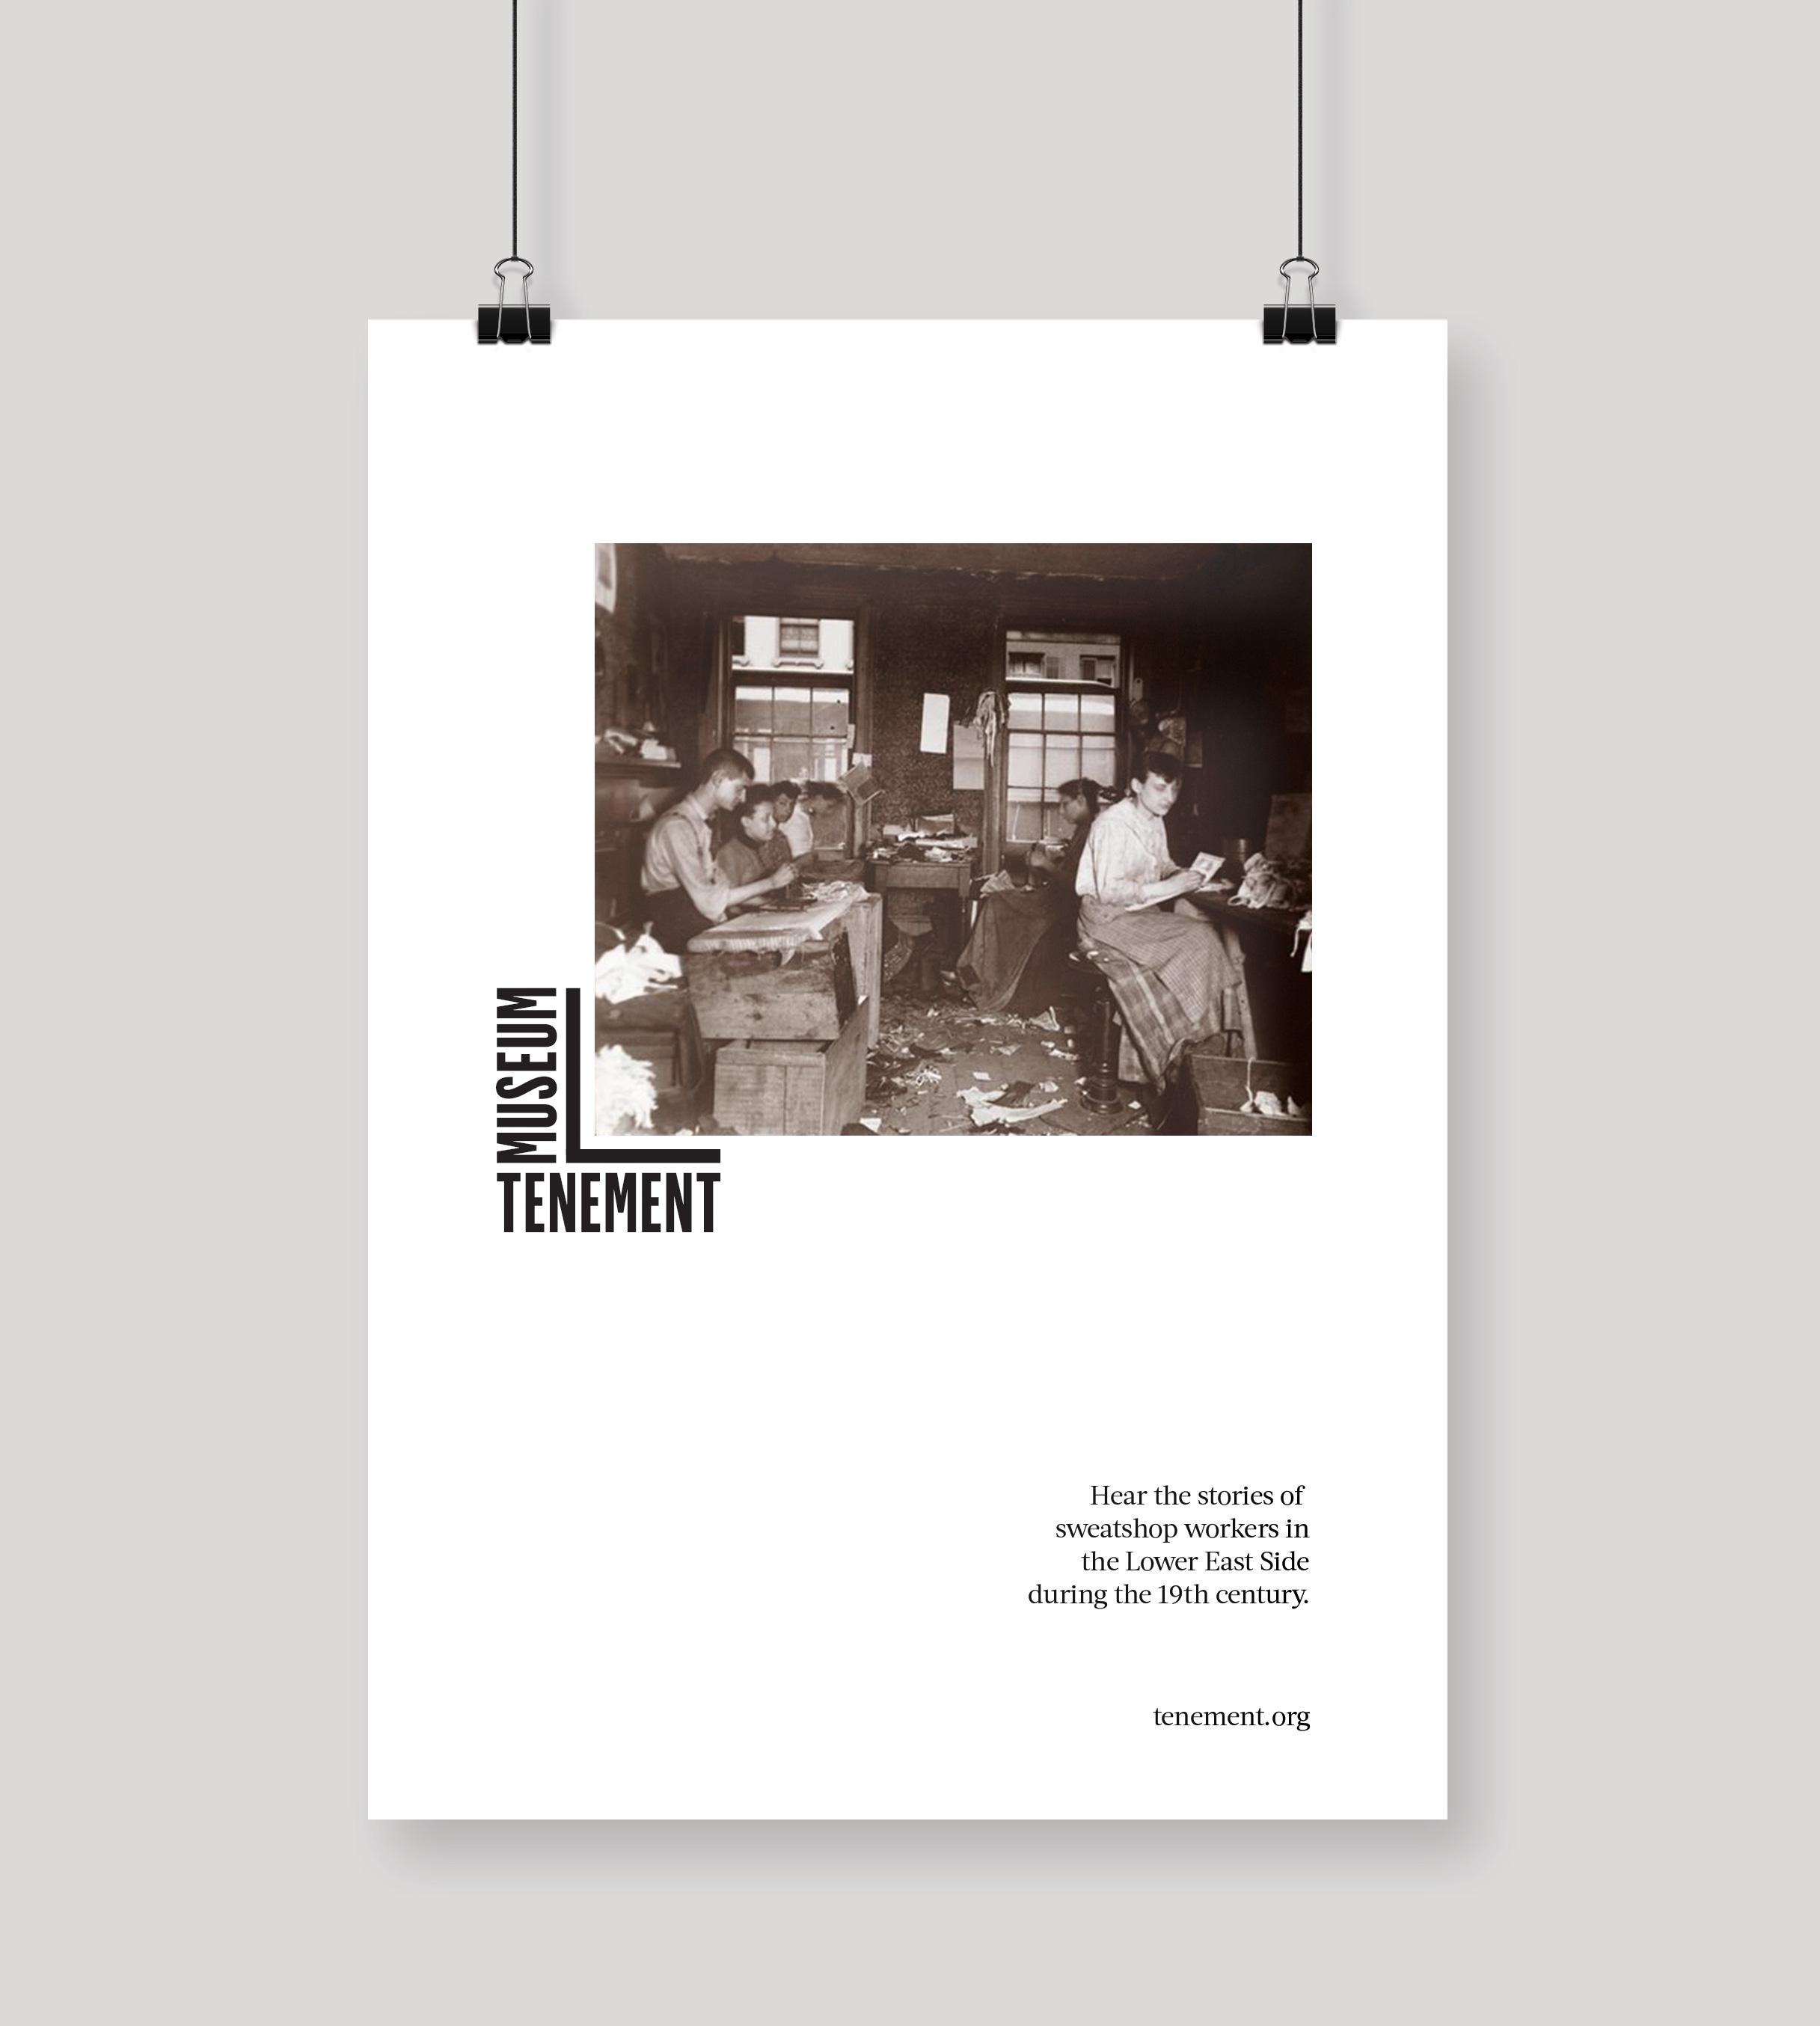 tenement_sweatshop_poster.jpg